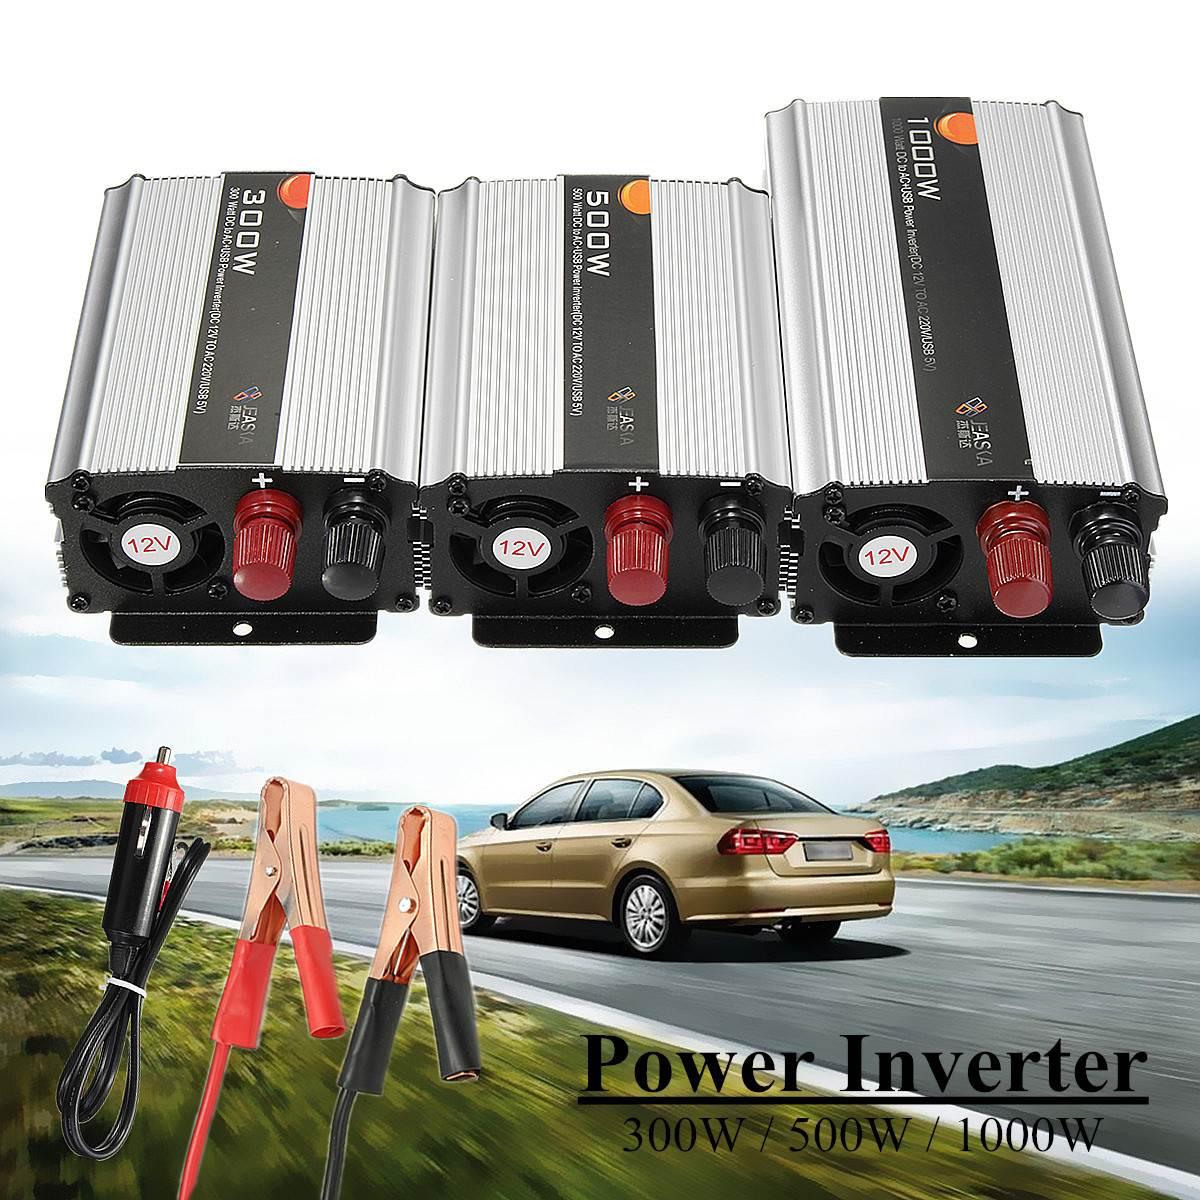 Convertisseur d'inverseur de puissance d'onde de KROAK 1000 W/300 W/500 W DC 12 V à AC220V 90 surcharge sinusoïdale modifiée de voiture automatique portative d'efficacité